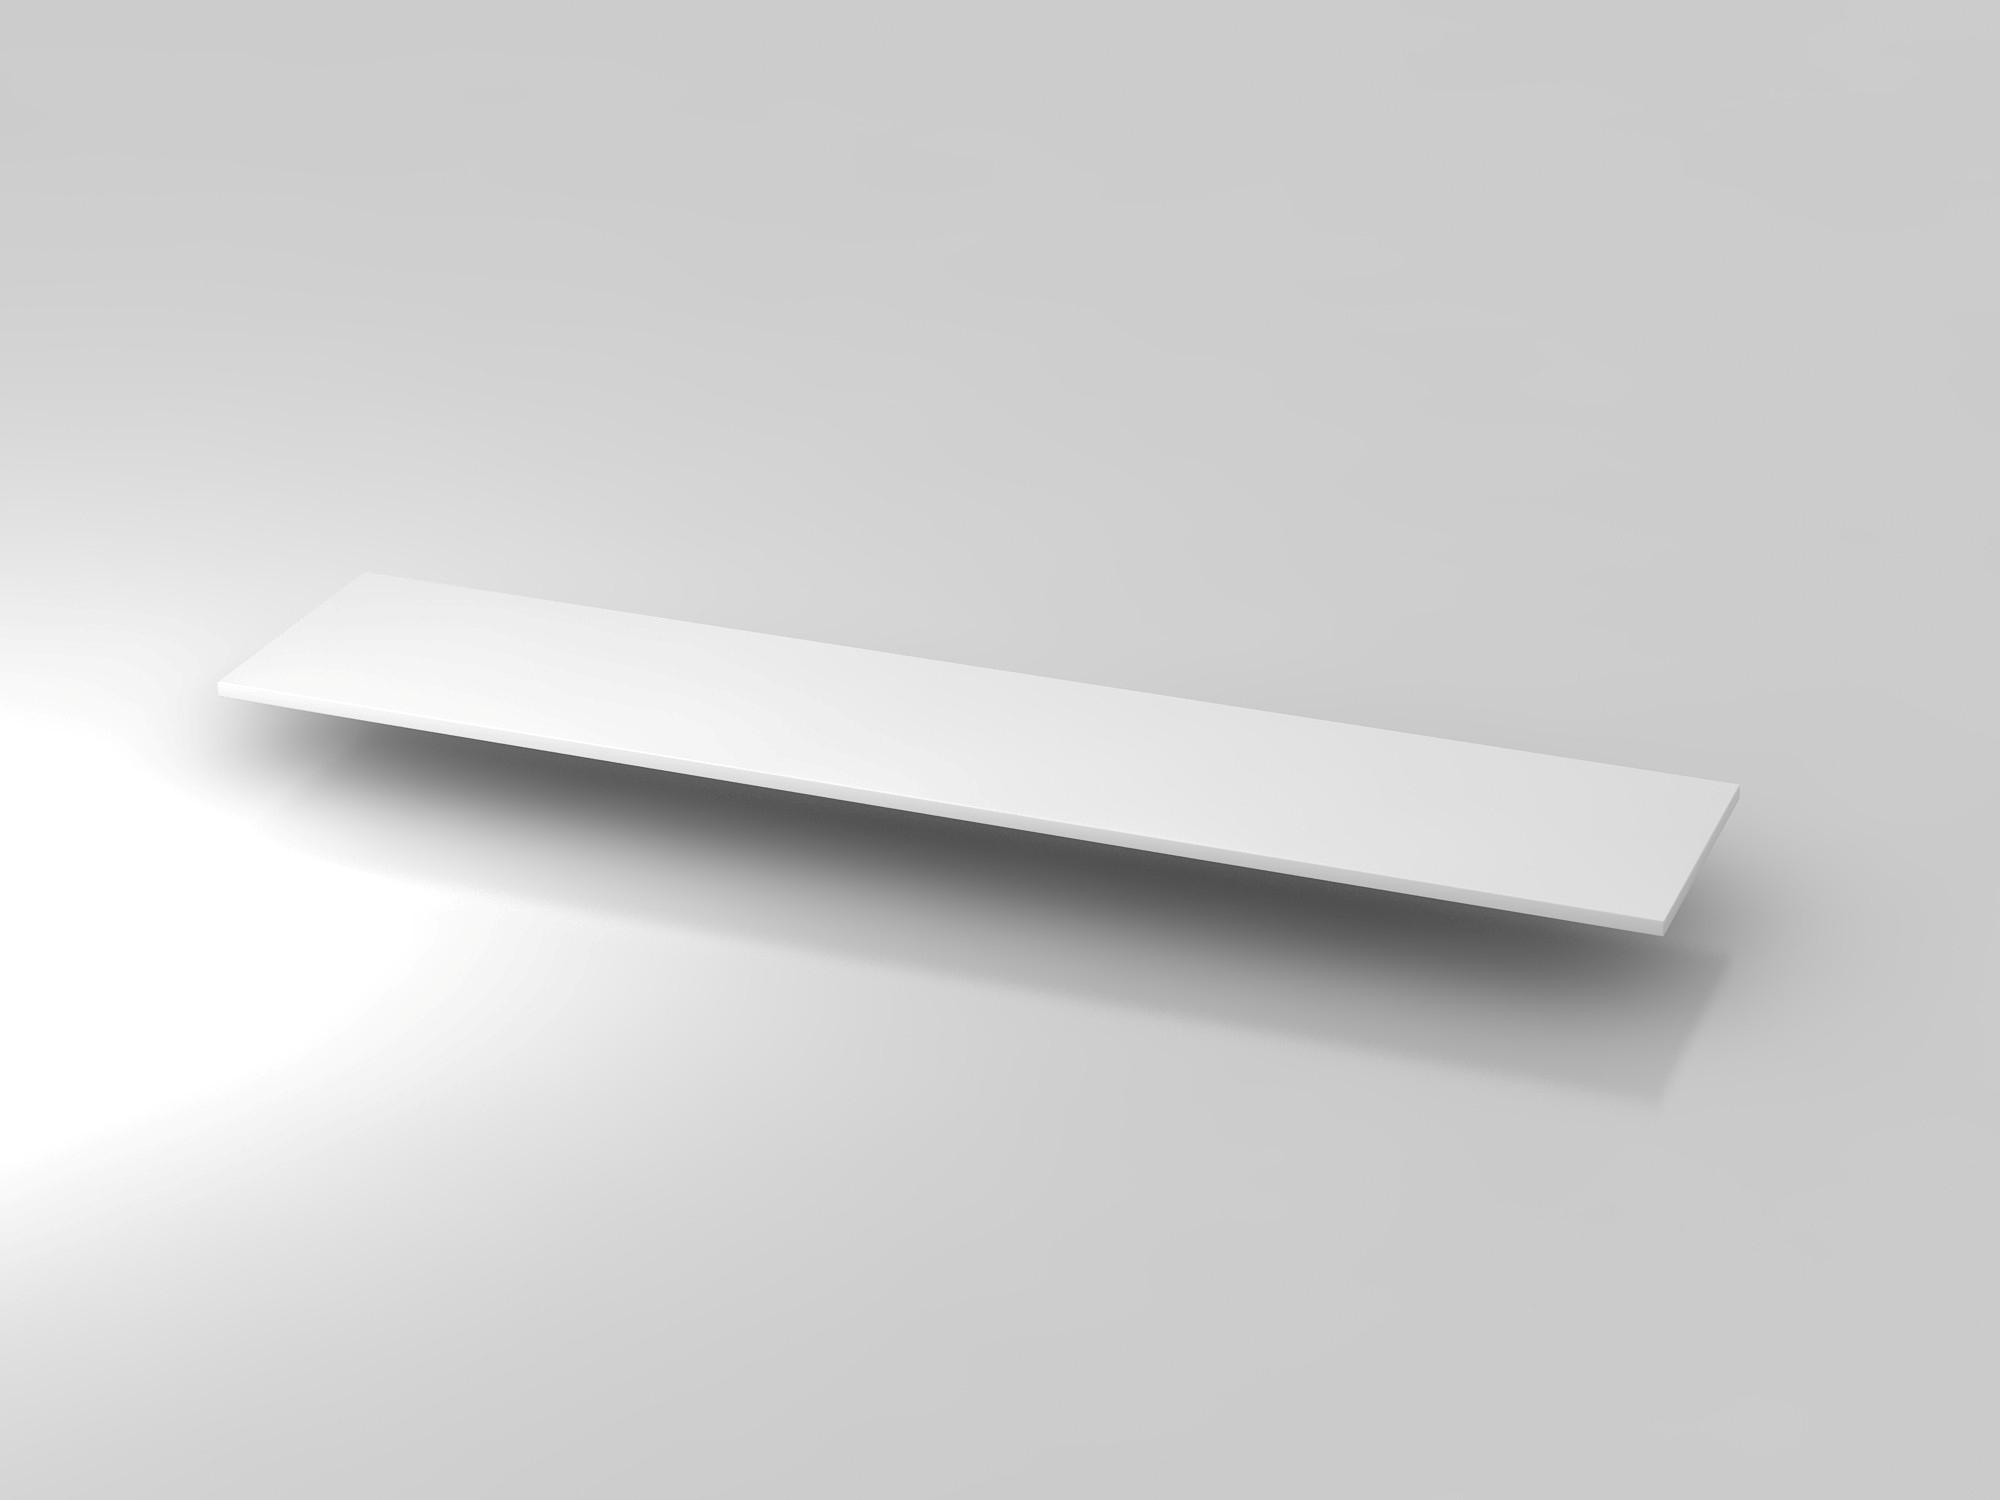 Abdeckplatte 200,5x43cm Weiß